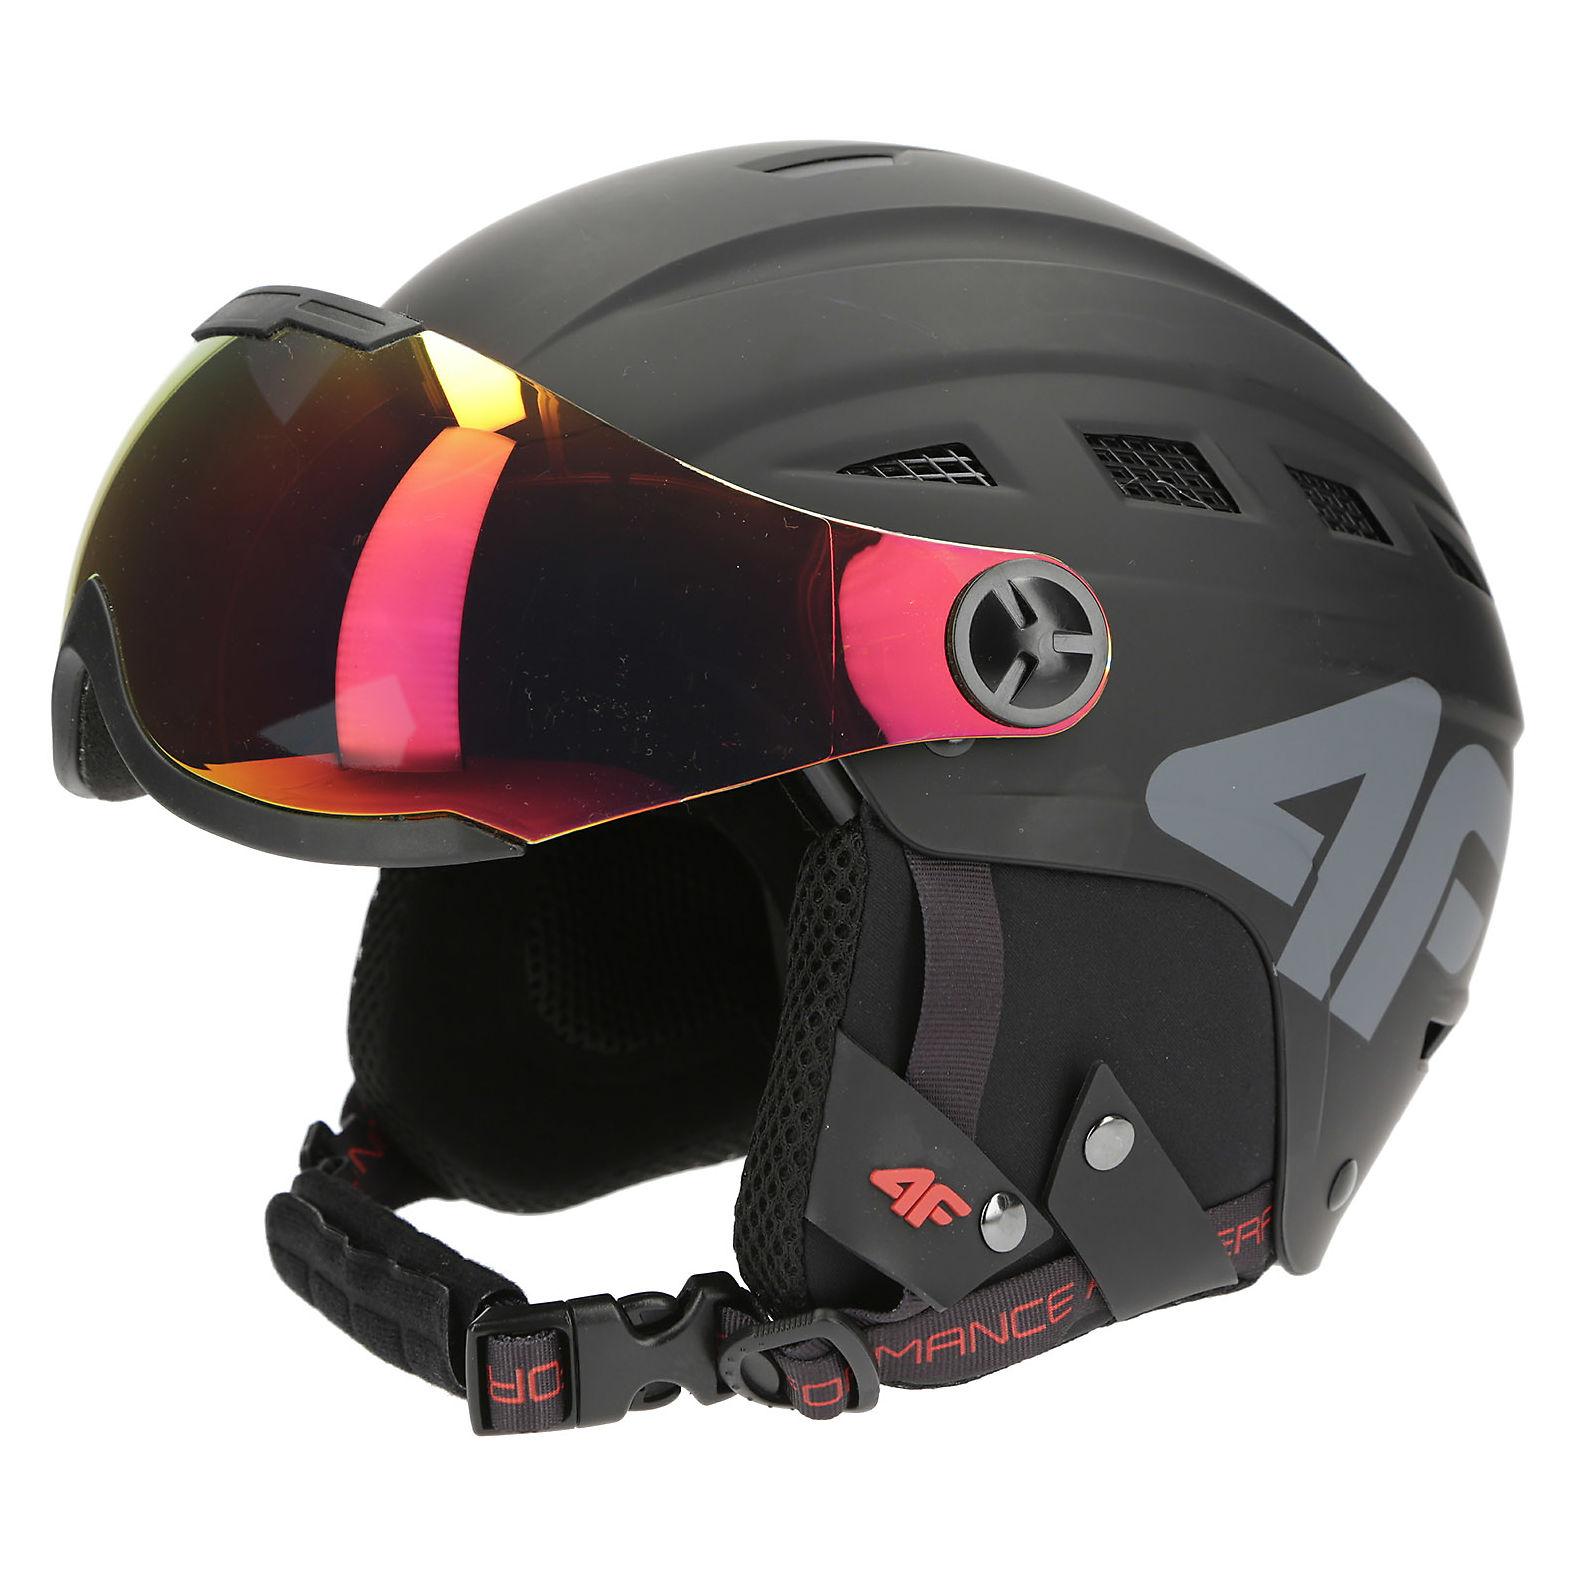 Kask narciarski 4F Visor S2 KSU003